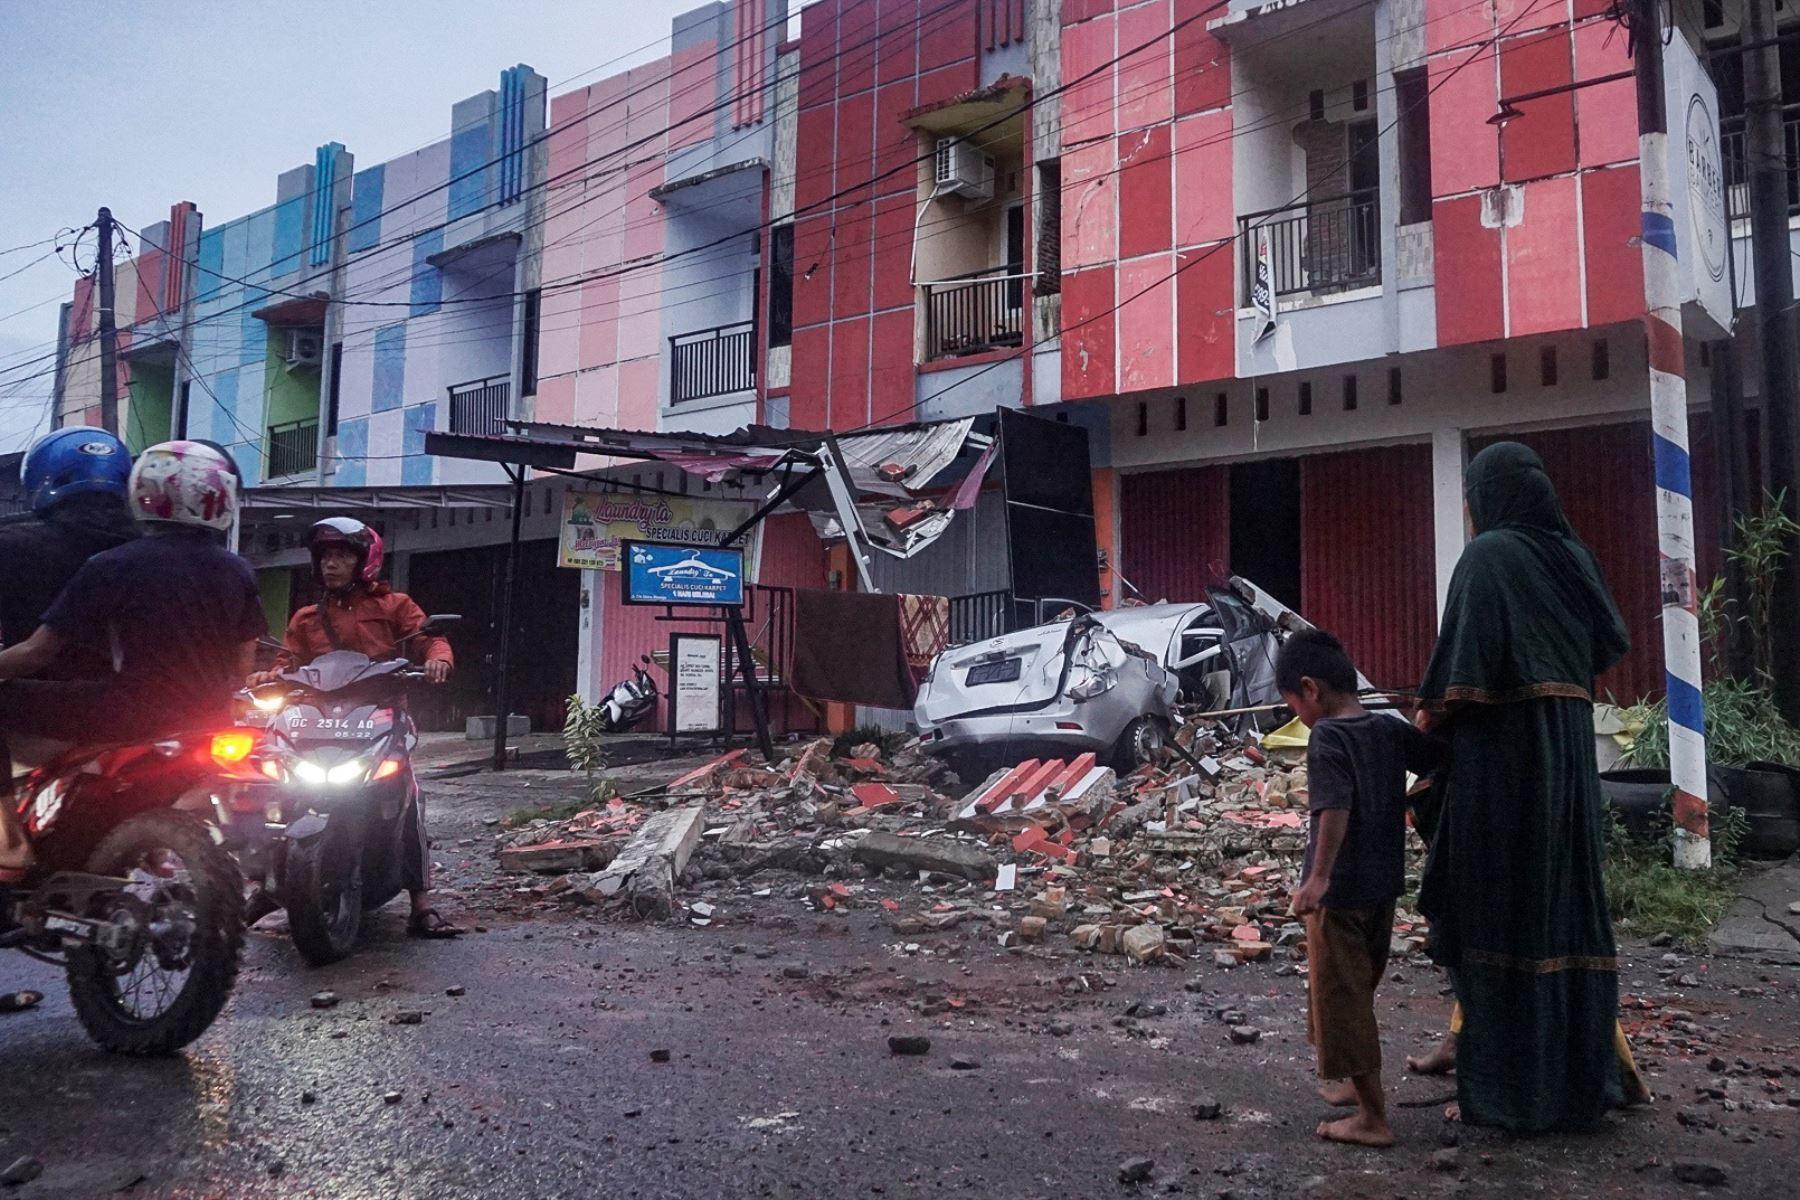 La gente pasa junto a un coche averiado tras el terremoto de magnitud 6,2 en Mamuju, West Sulawesi, Indonesia, Al menos 42 personas murieron y decenas más resultaron heridas tras un terremoto de 6,2. Isla de Sulawesi.  Foto:  EFE